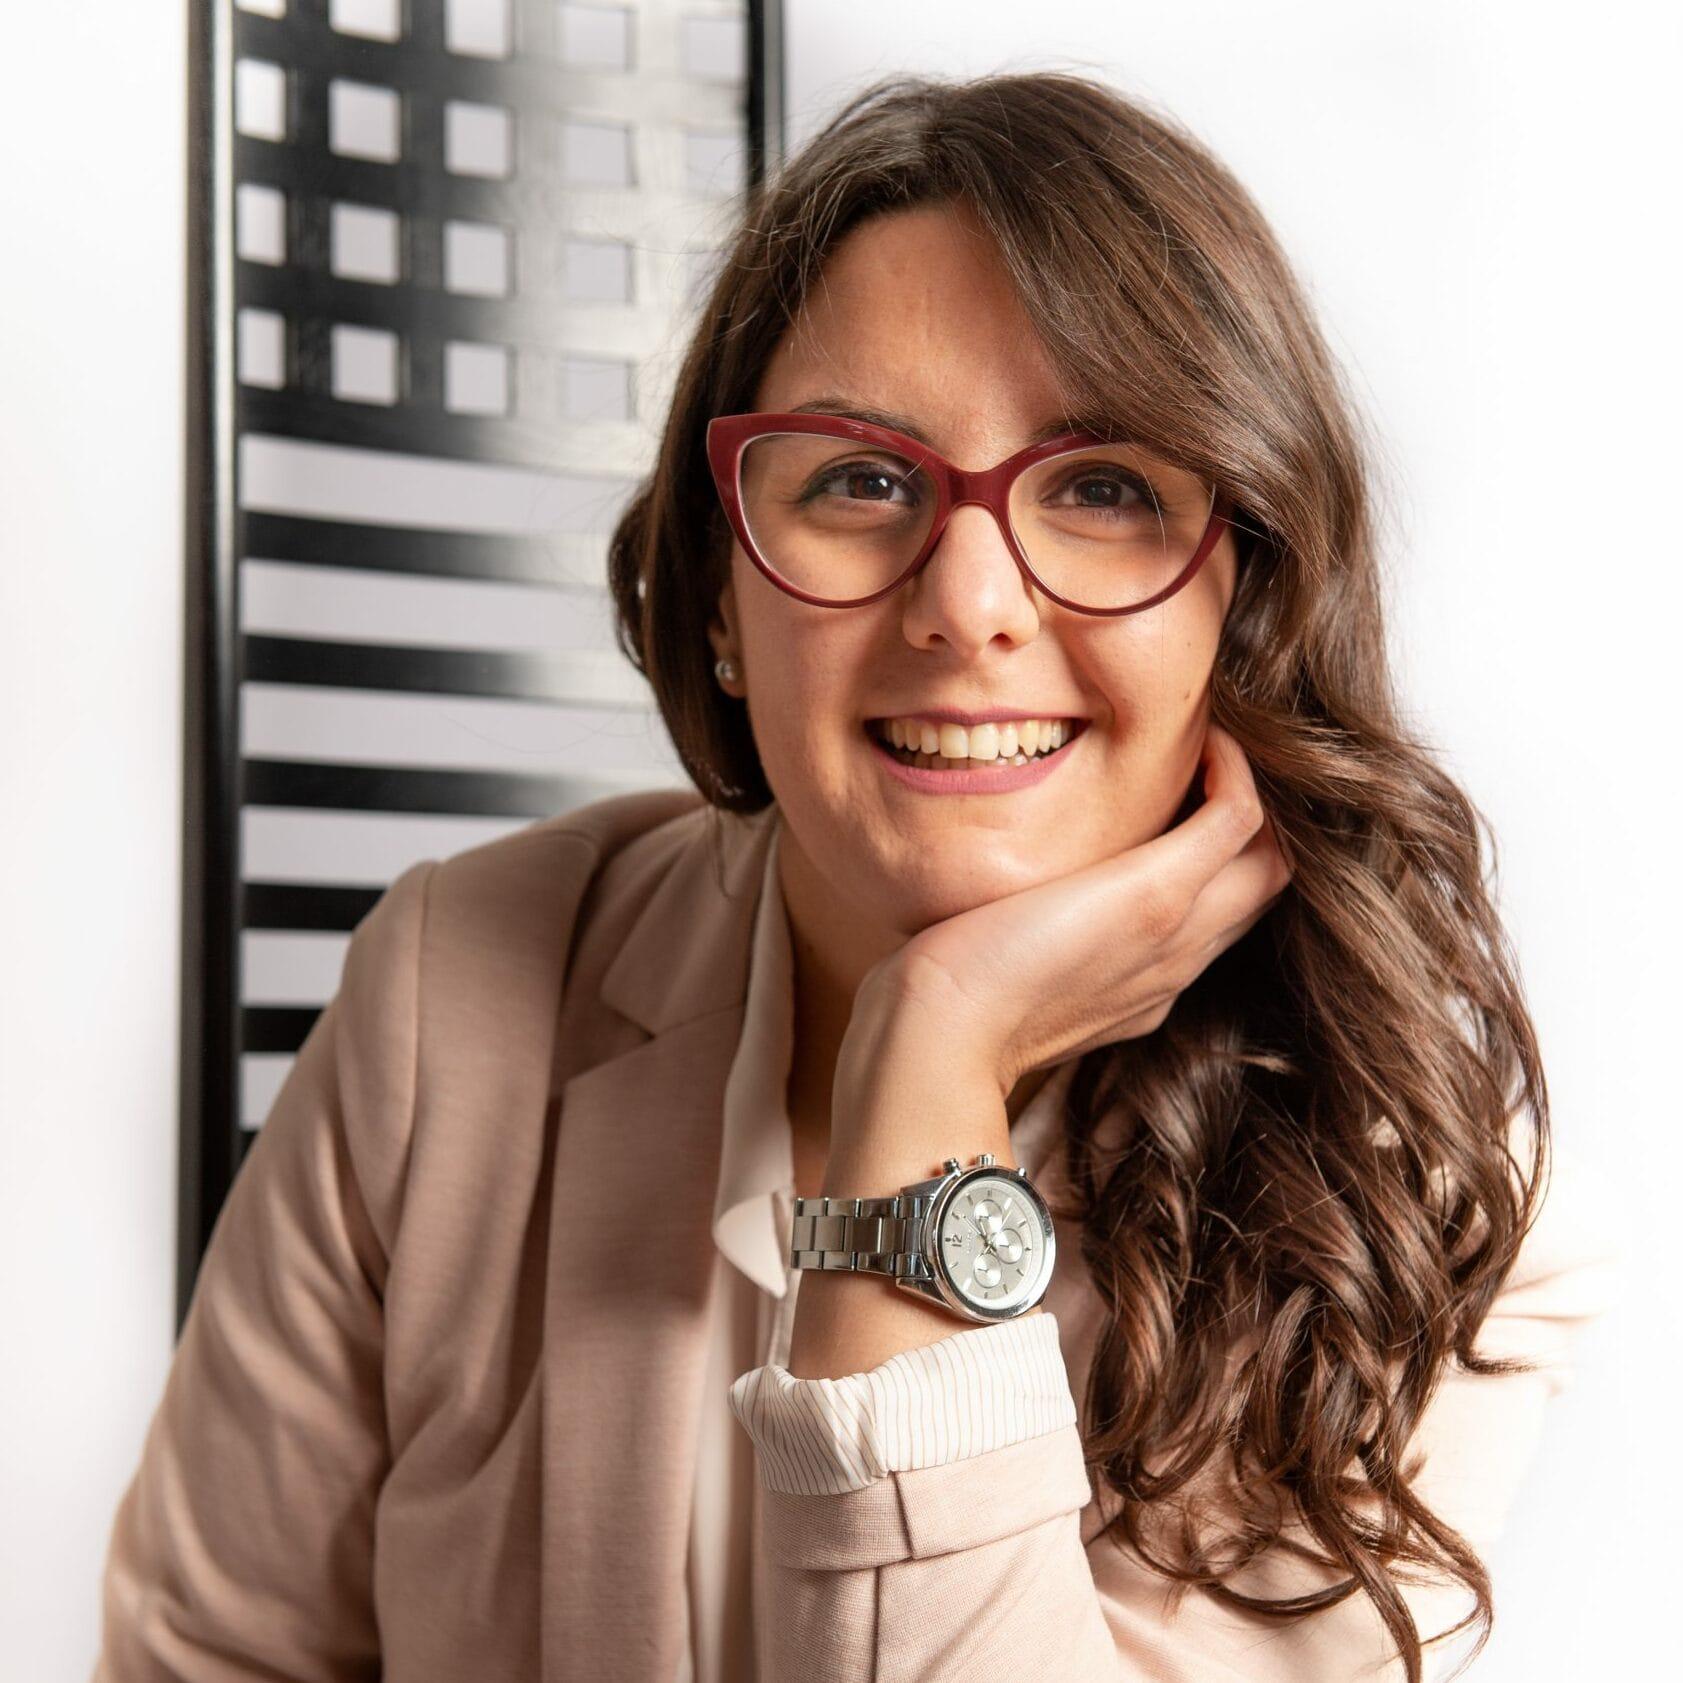 Gloria Chiocci